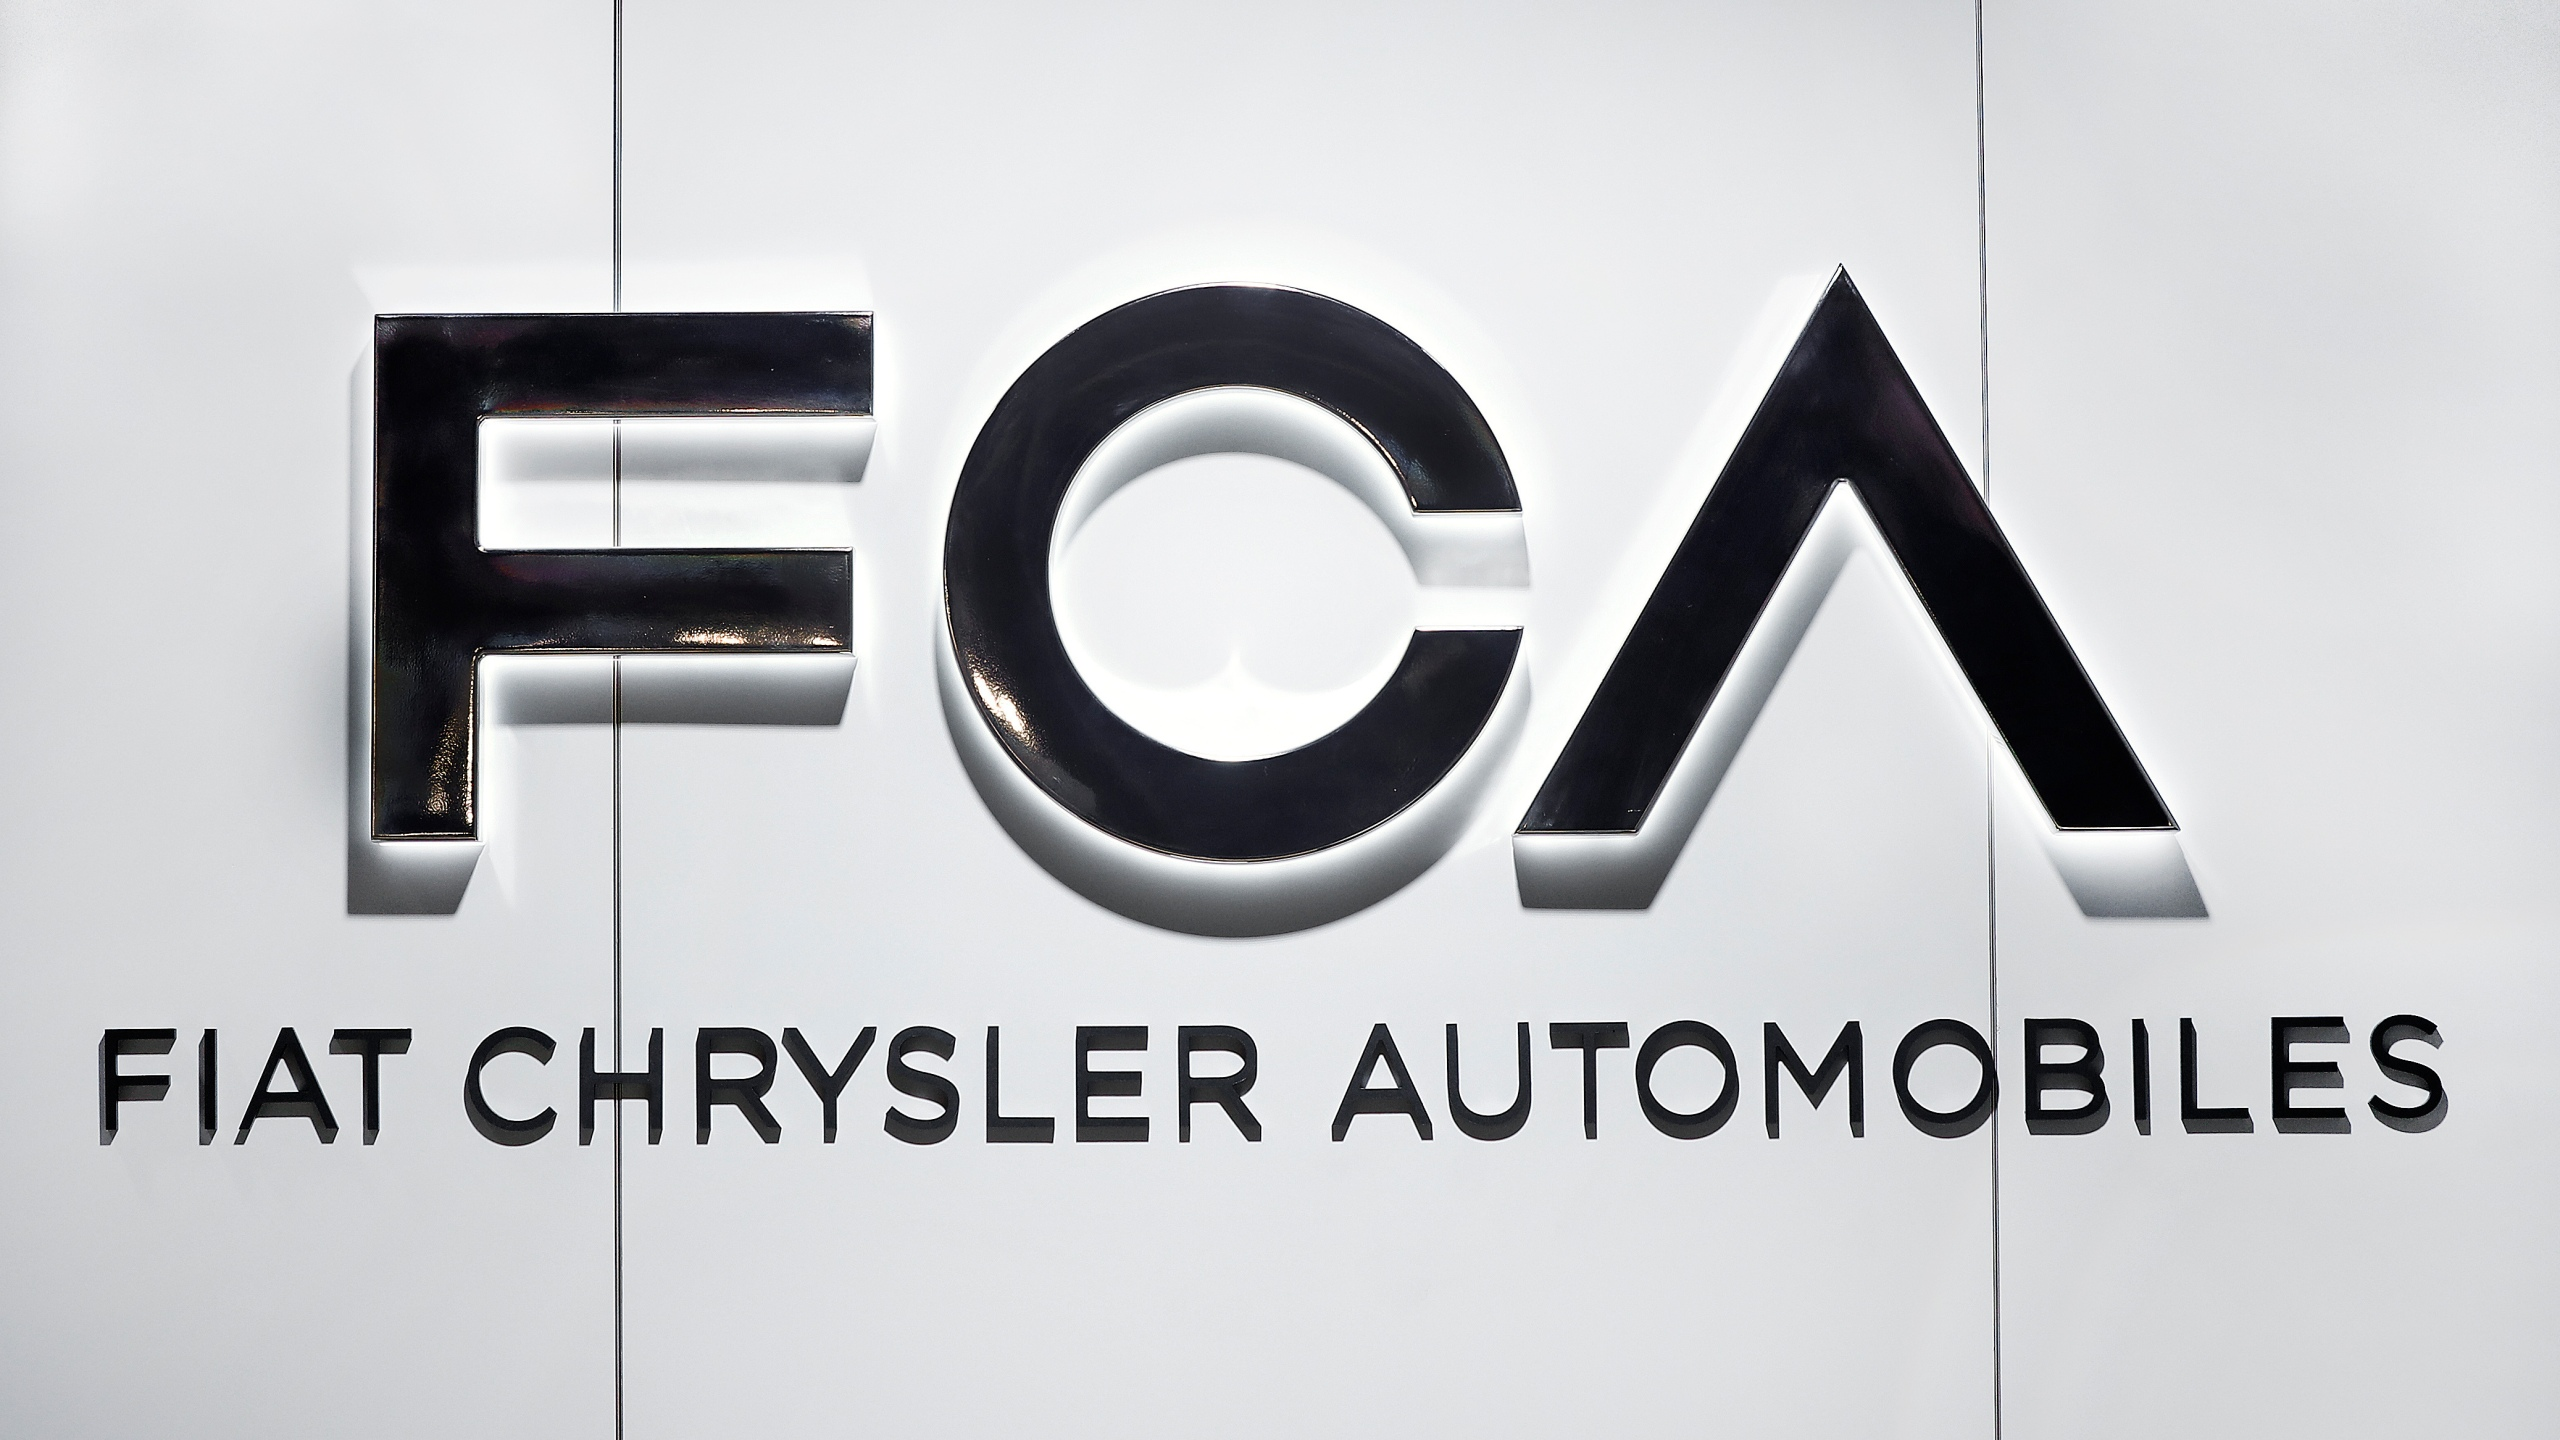 Fiat_Chrysler_Detroit_10816-159532.jpg08156389